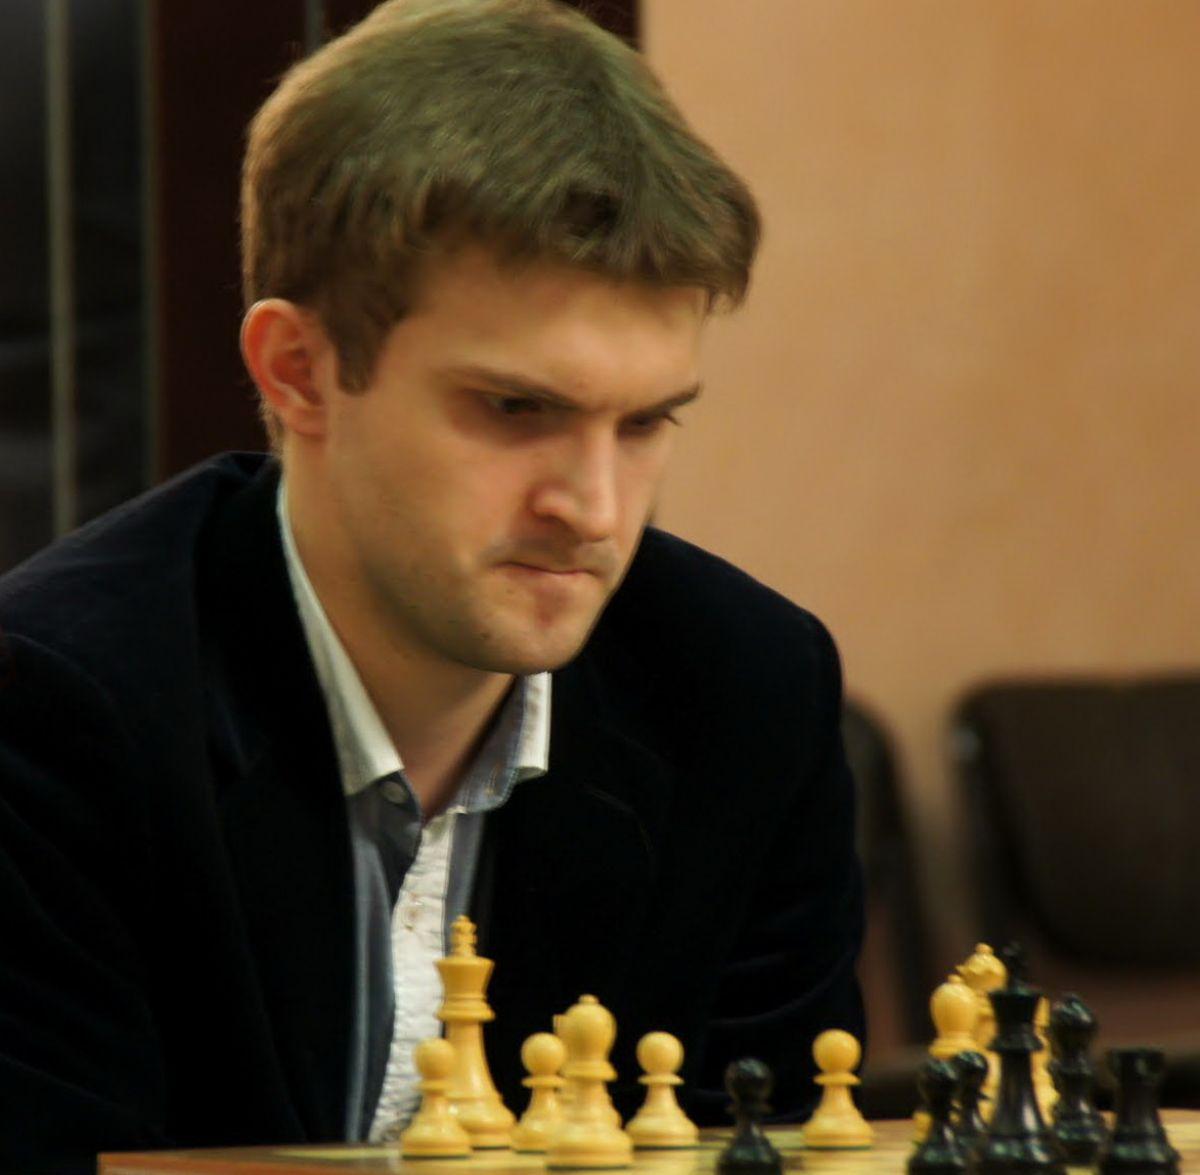 Международный гроссмейстер из Санкт-Петербурга Никита Витюгов